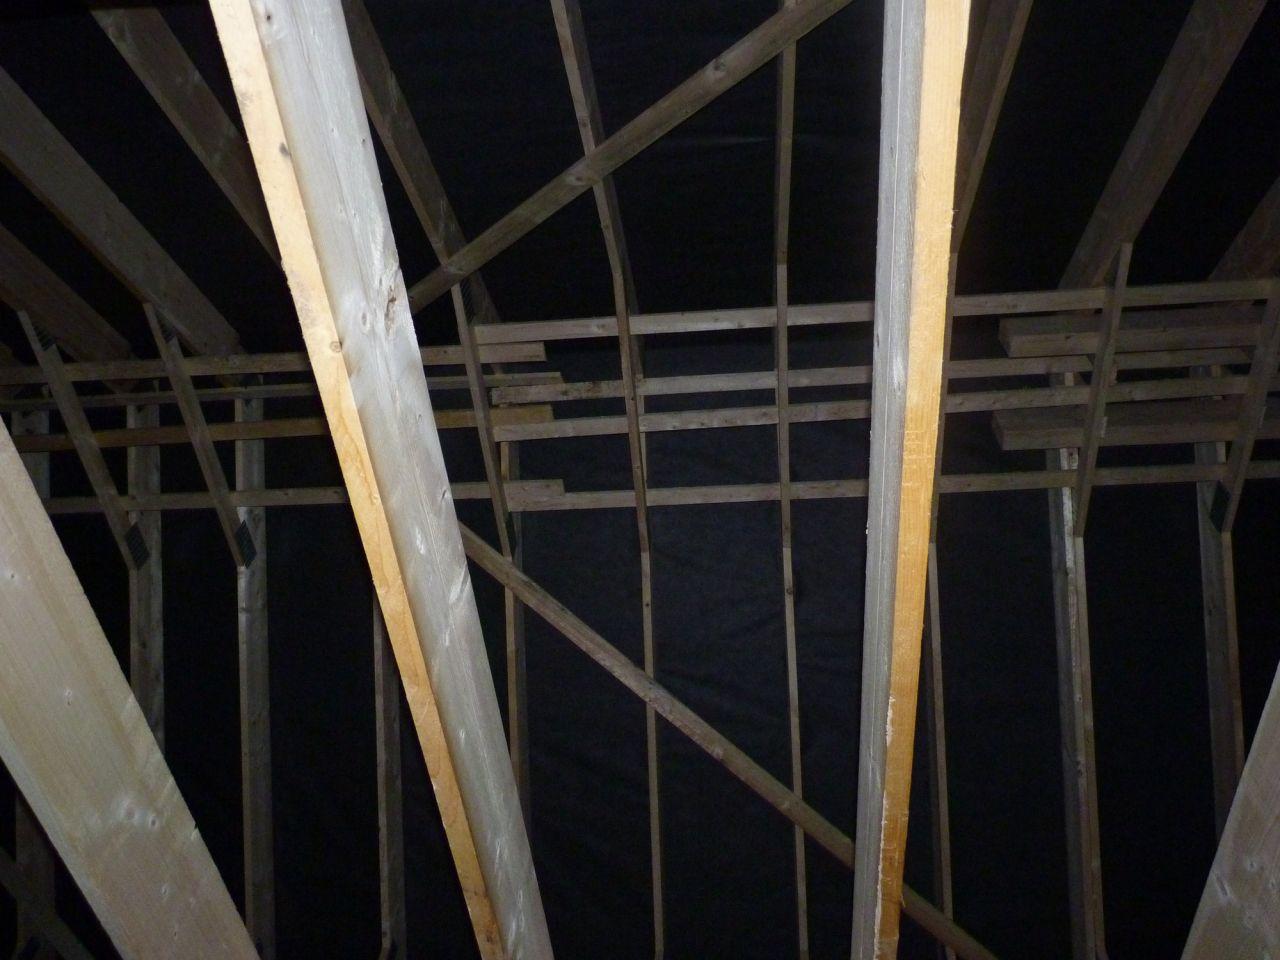 Charpente charpente jour 2 pose de l 39 cran sous for Pose ecran sous toiture par l interieur